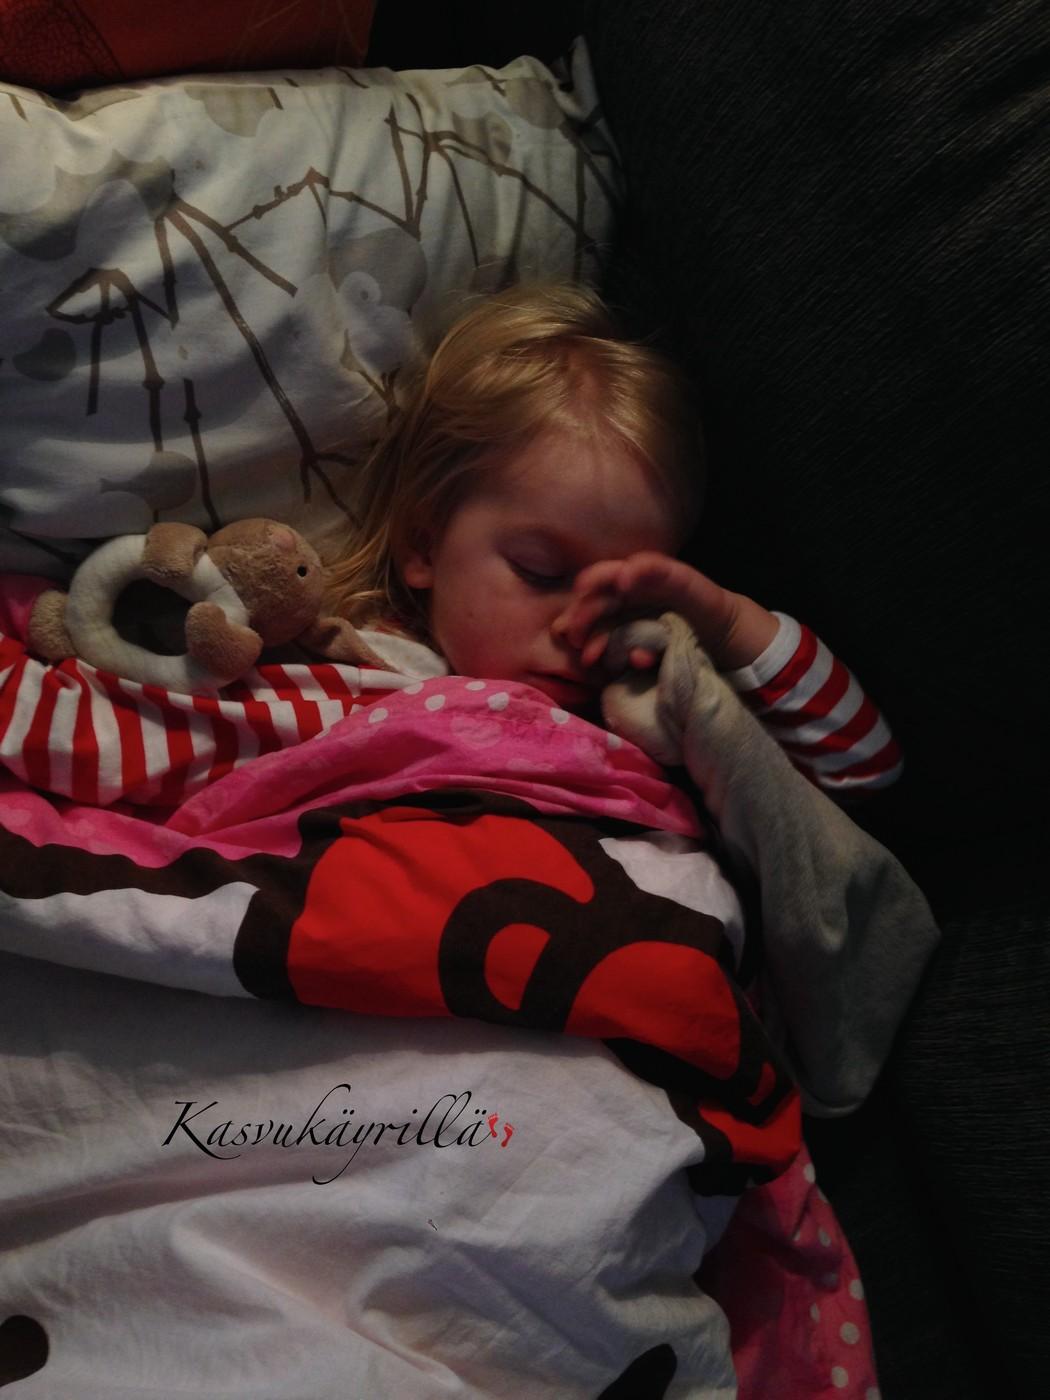 Lapsen lääkäripelko ja eroon siitä